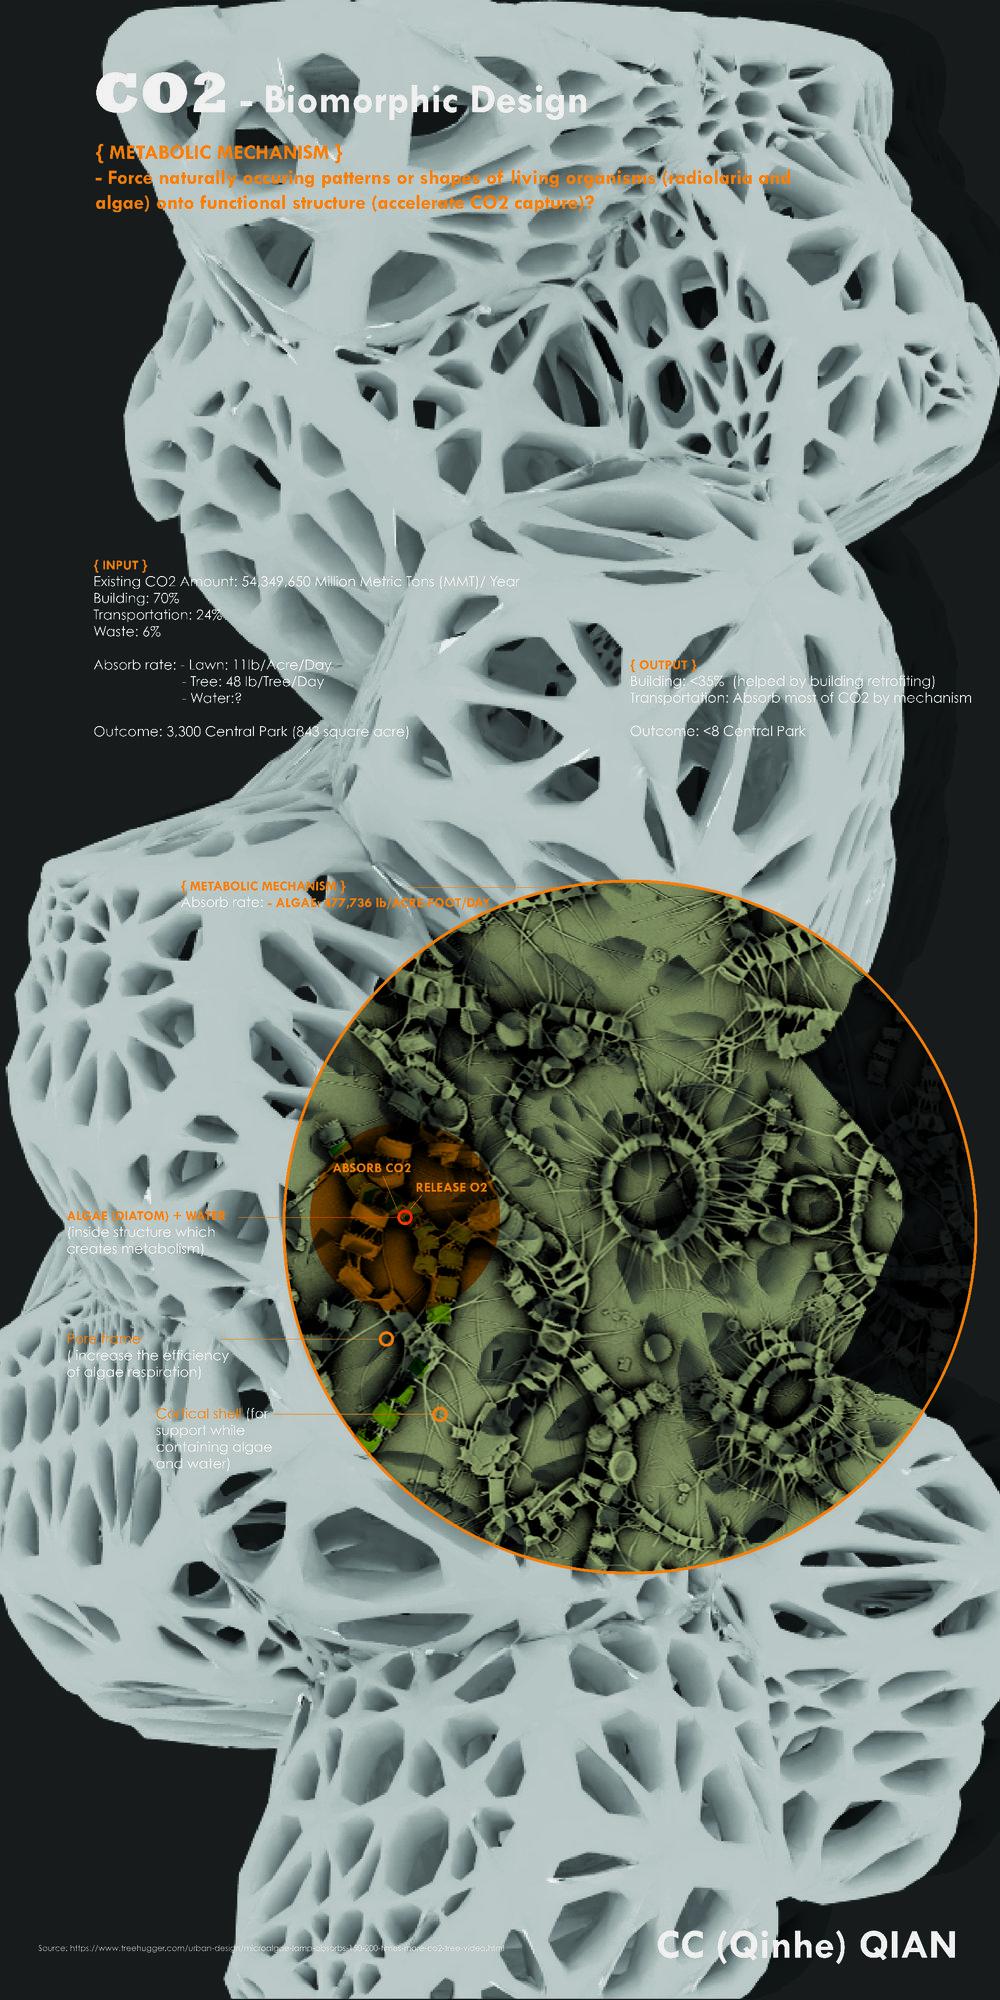 biomorphic-12.jpg